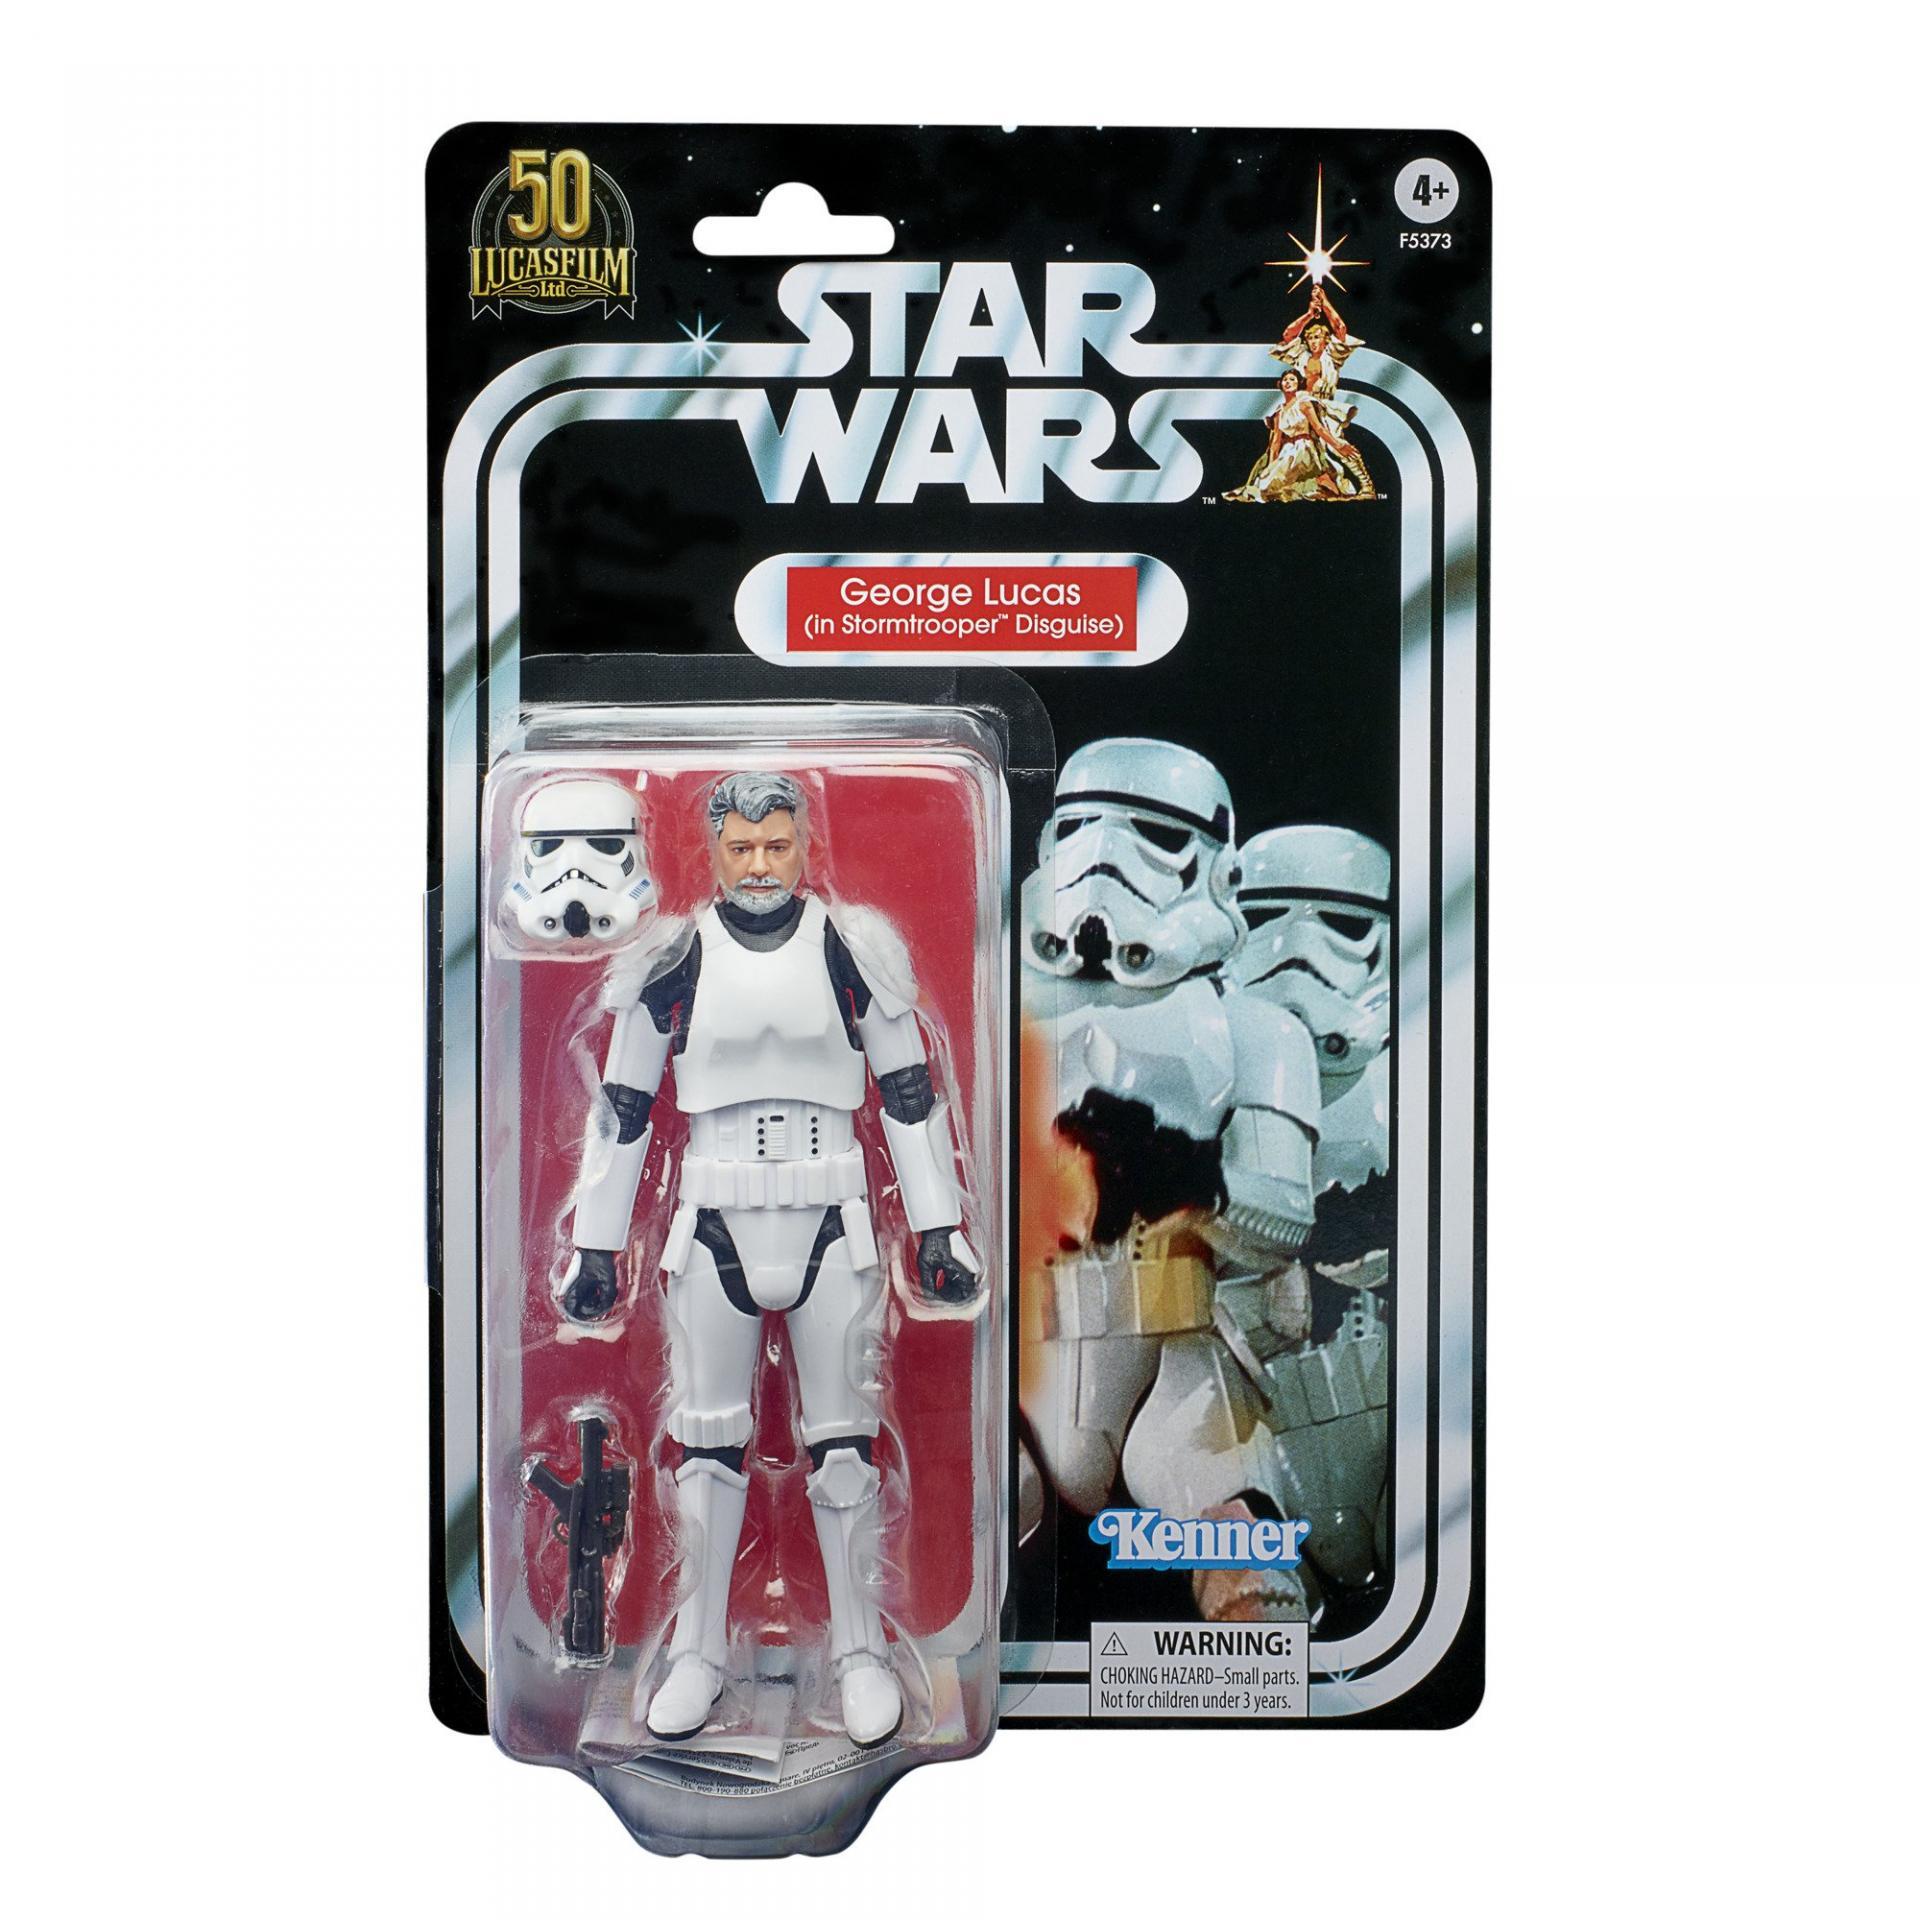 Star wars the black series george lucas in stormtrooper disguise 7